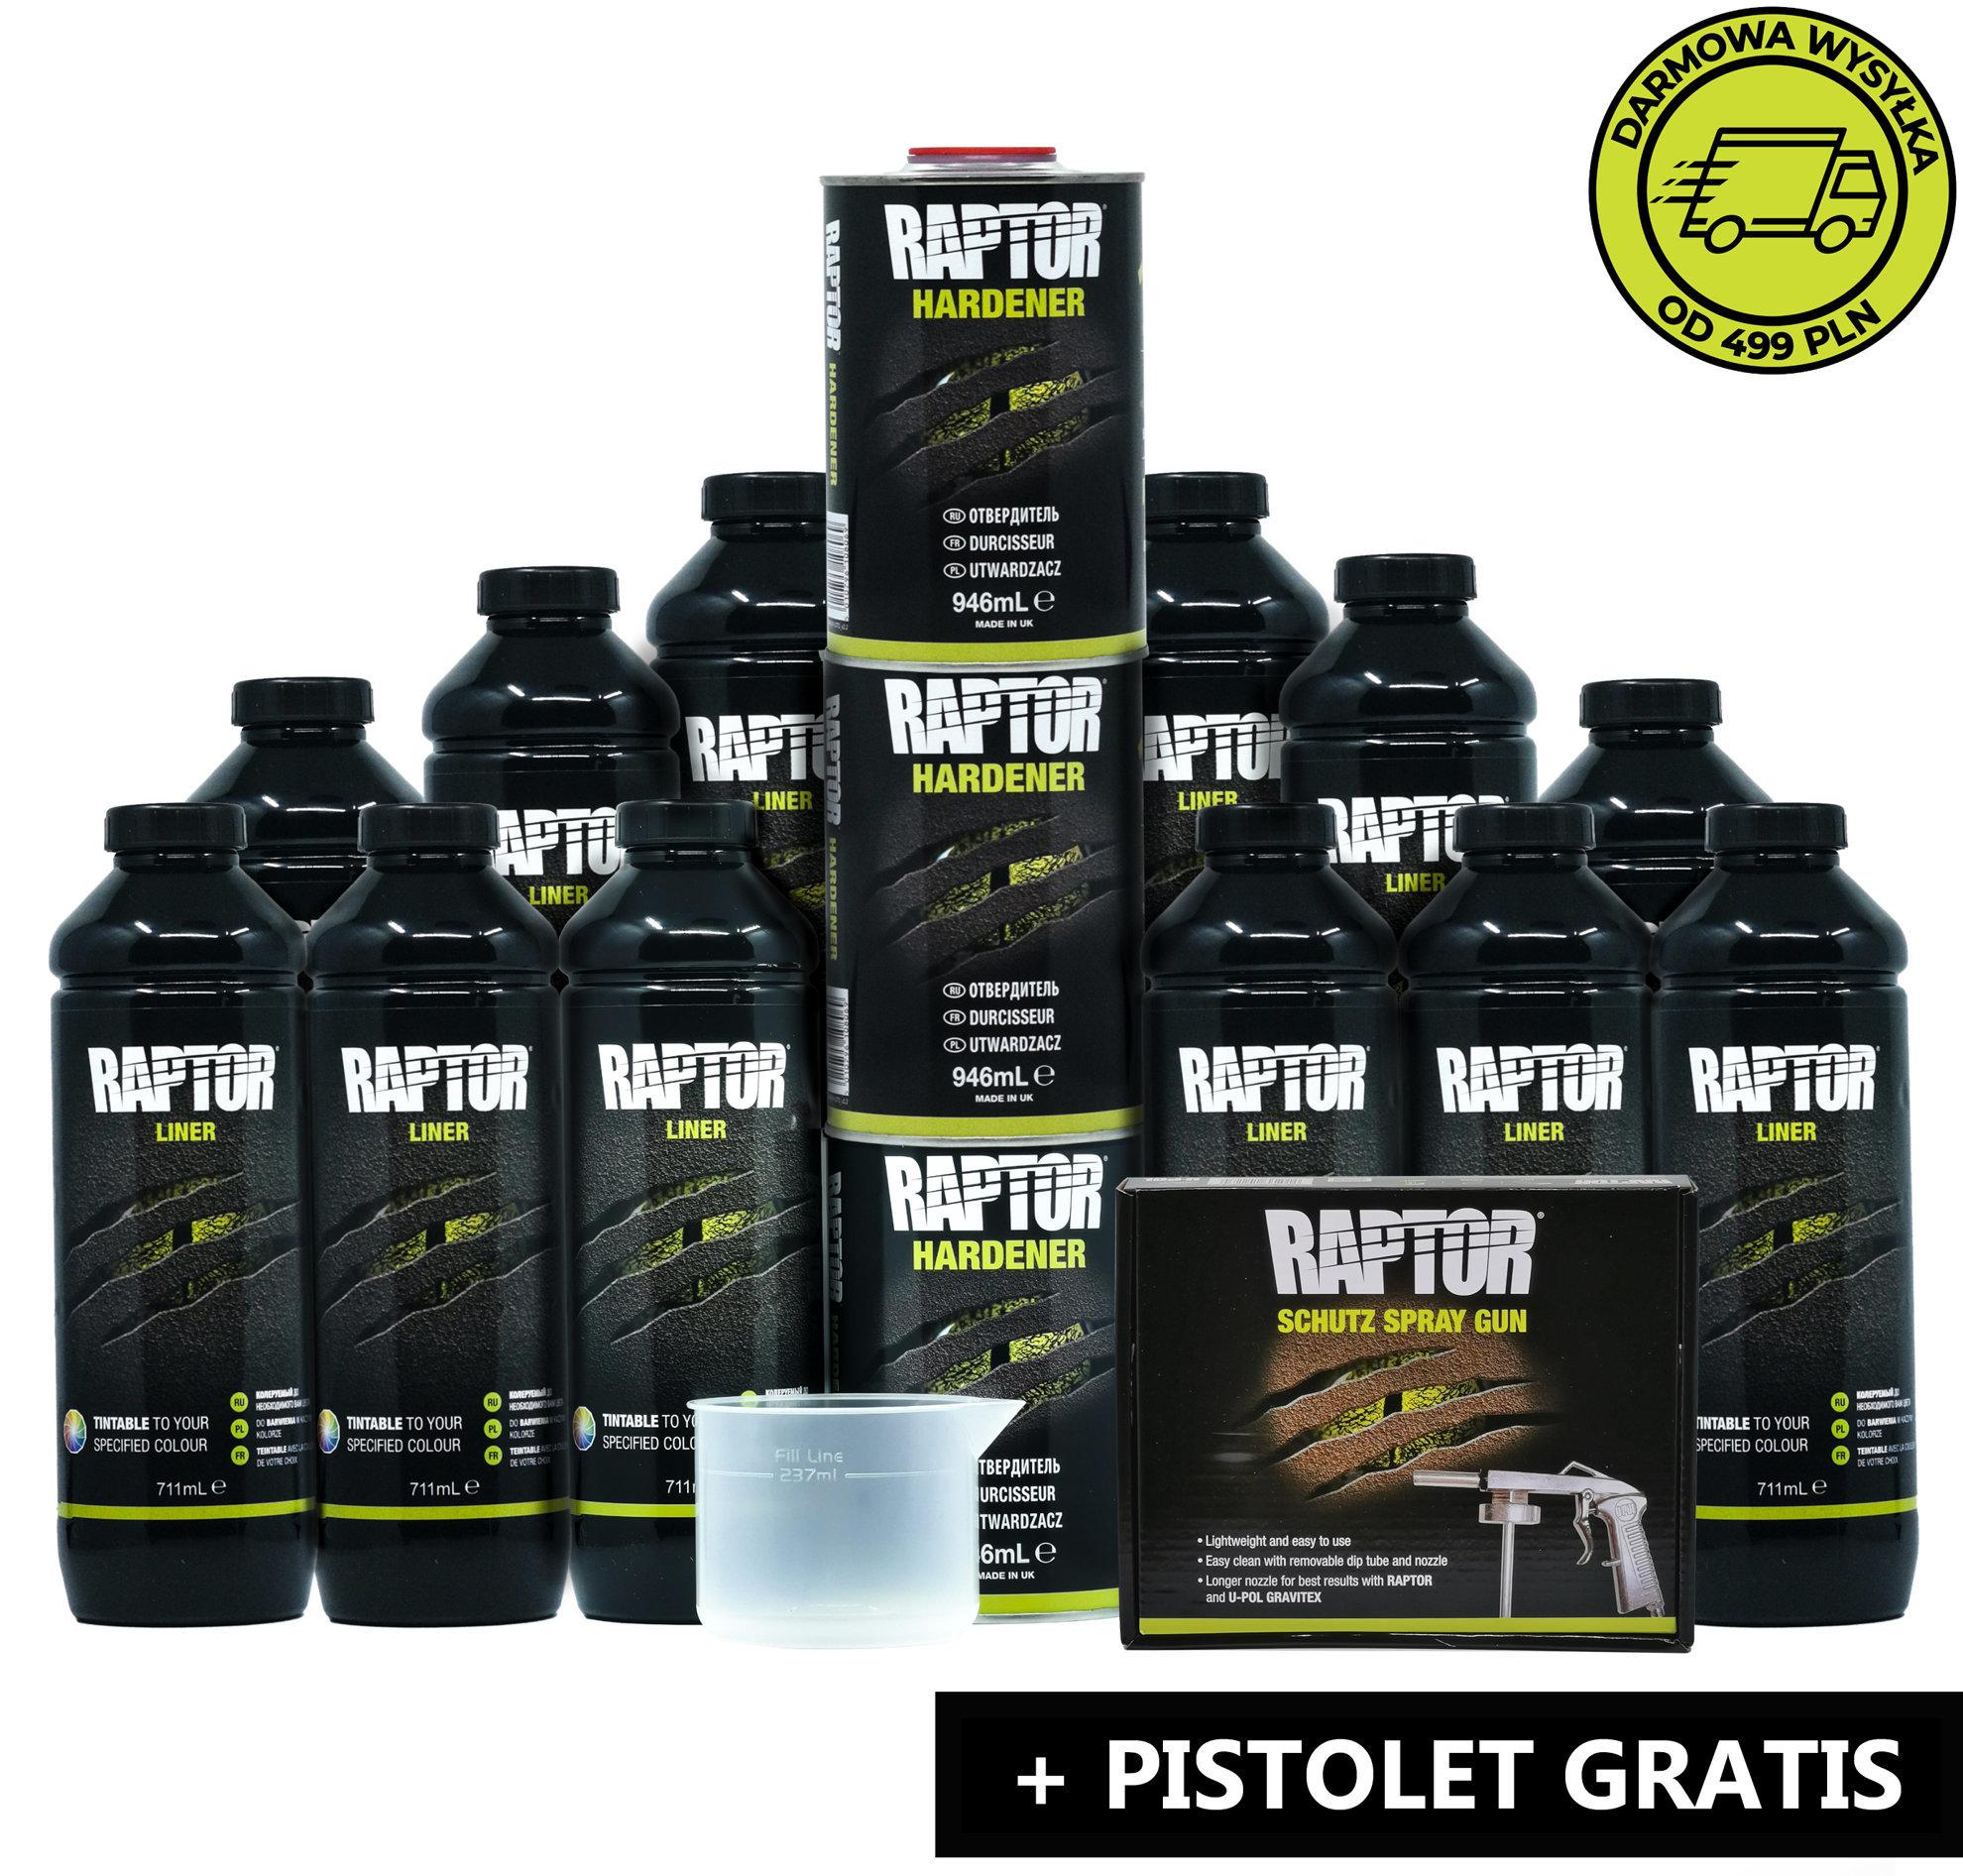 Zestaw 12 butelek Raptor + Pistolet Gratis